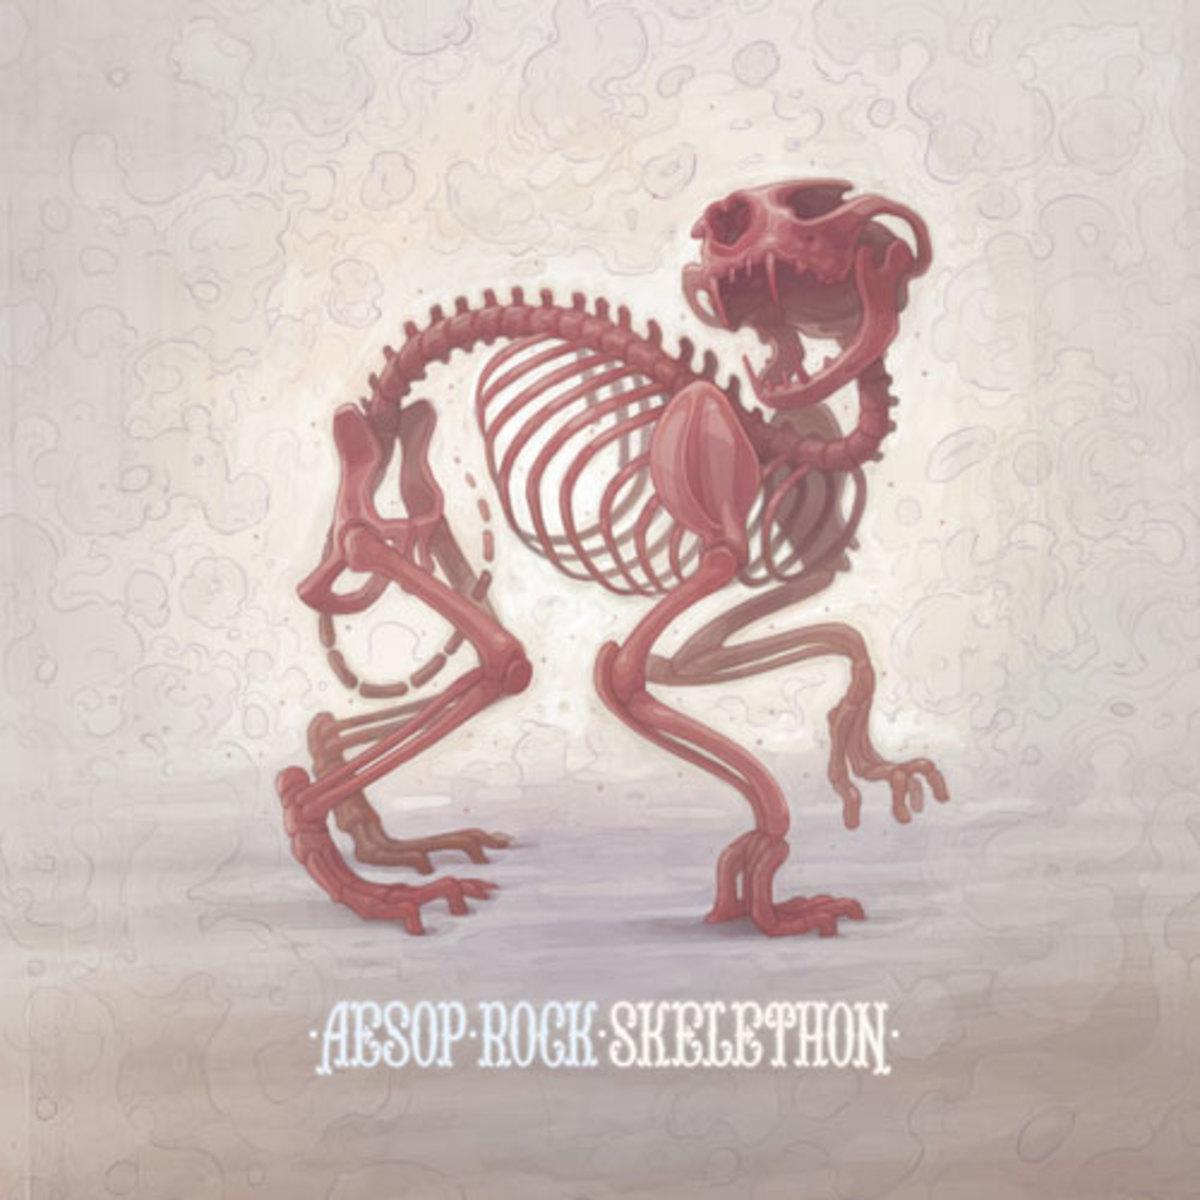 aesoprock-skeleton.jpg